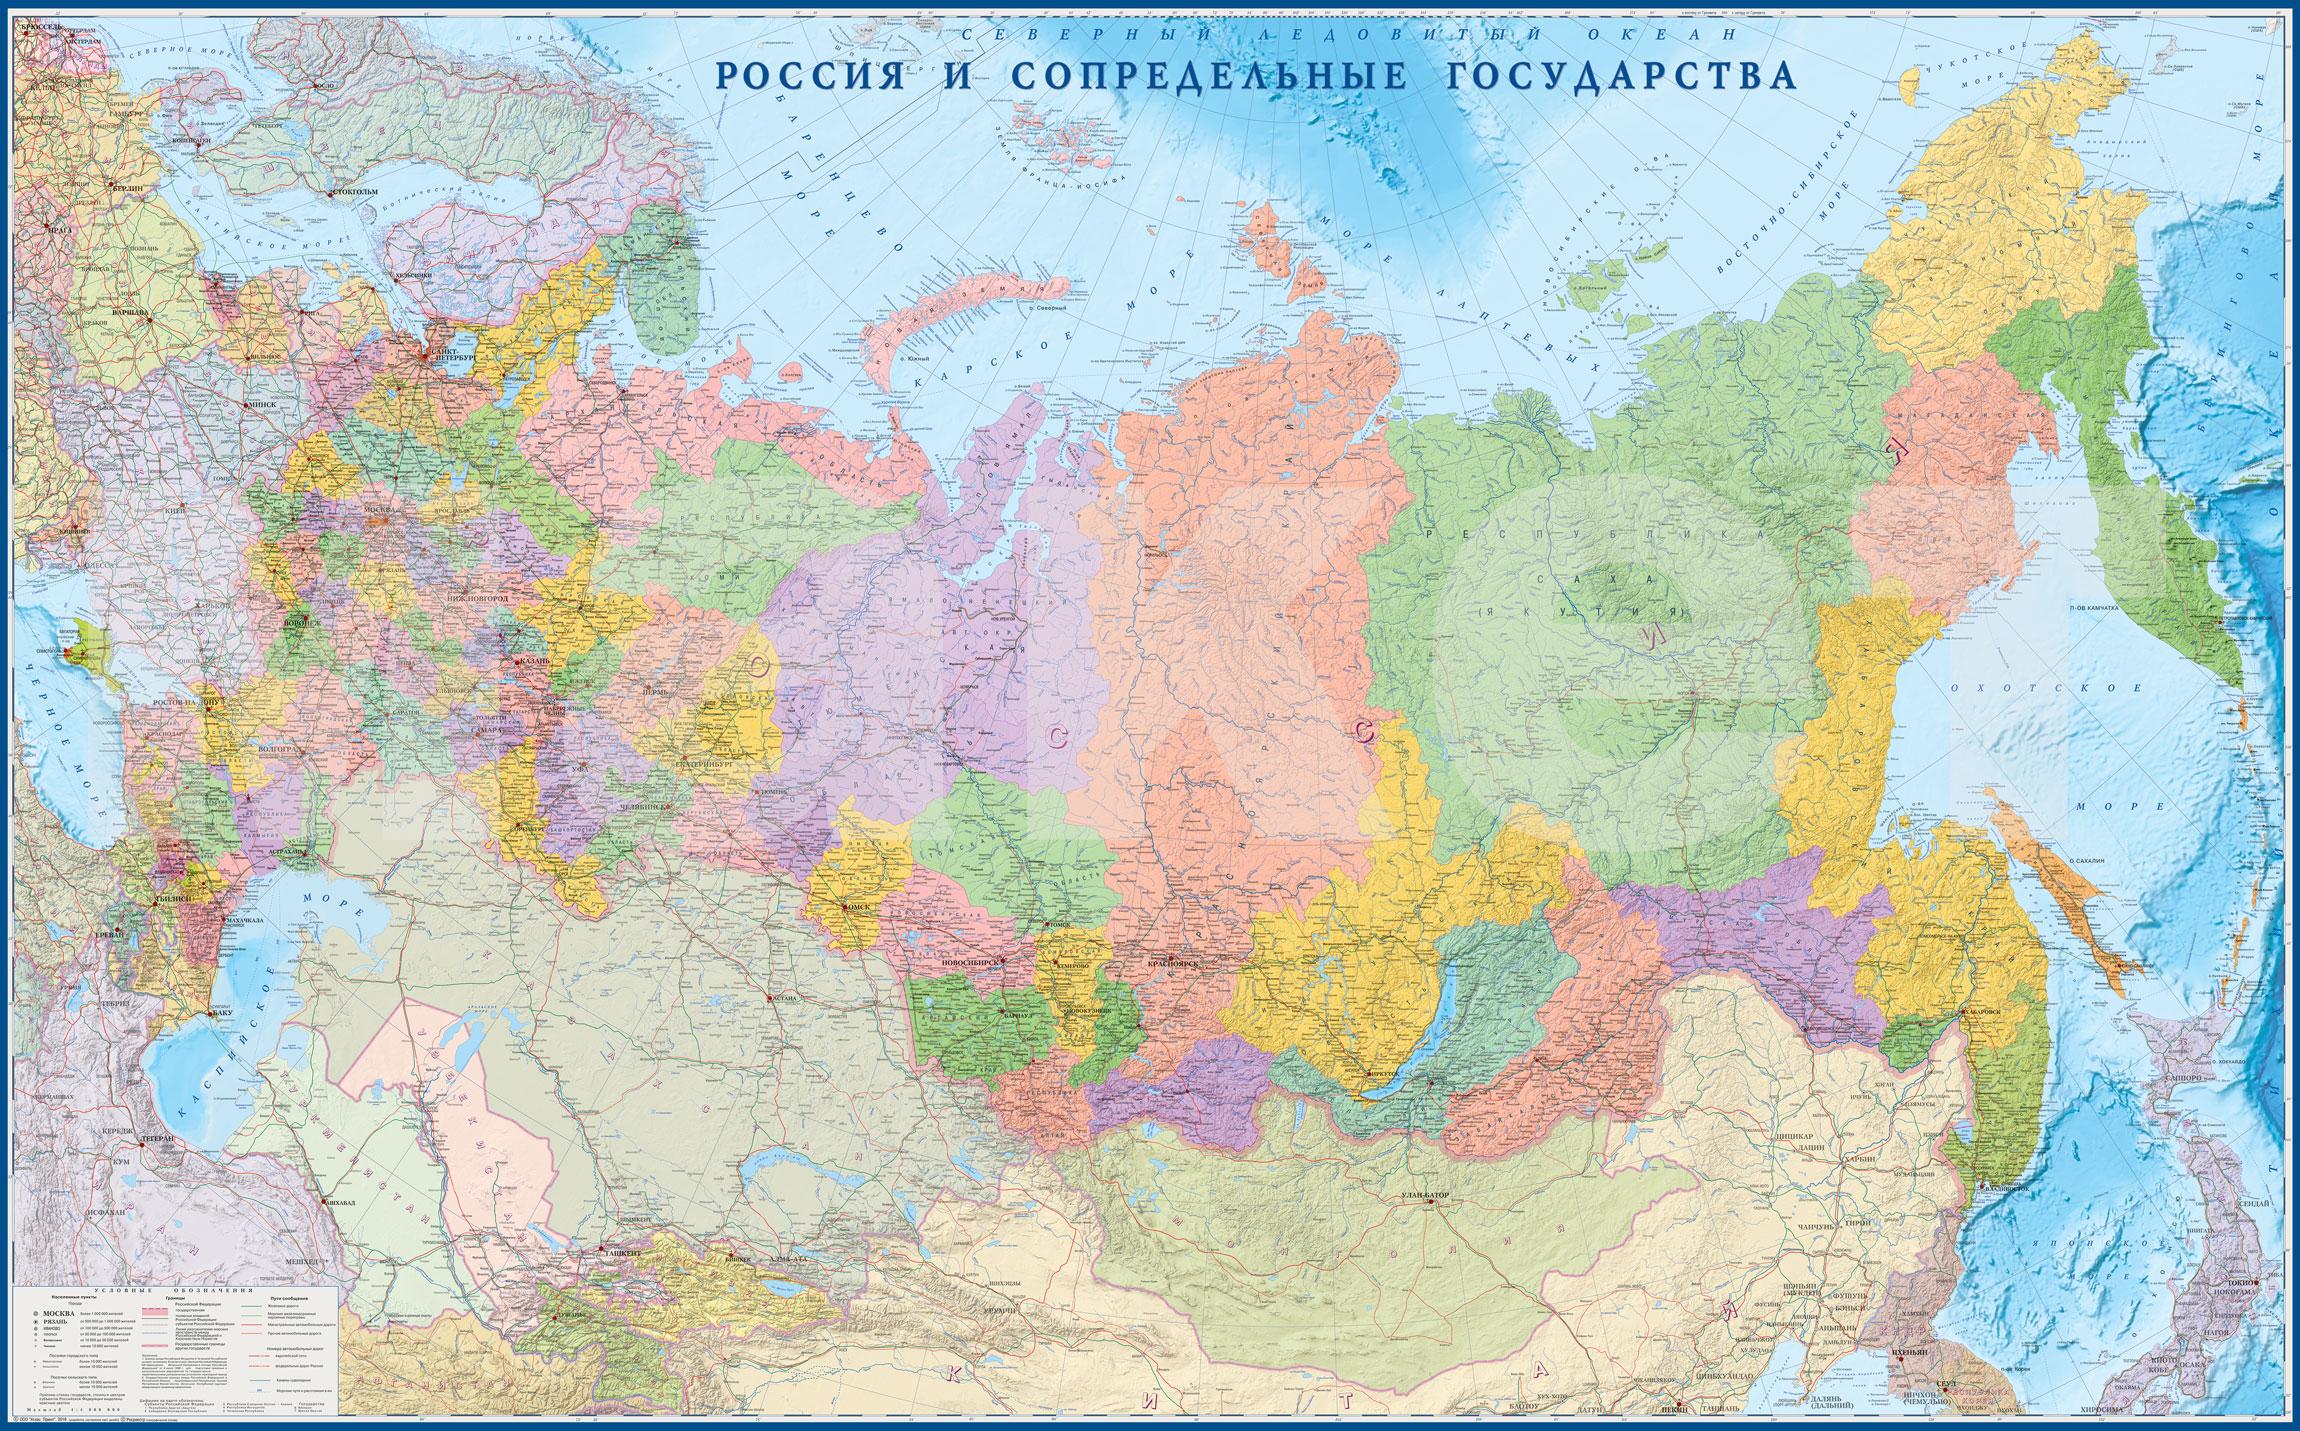 Настенная карта России и сопредельных государств политико-административная размер 2,95*1,84м, ламинированная